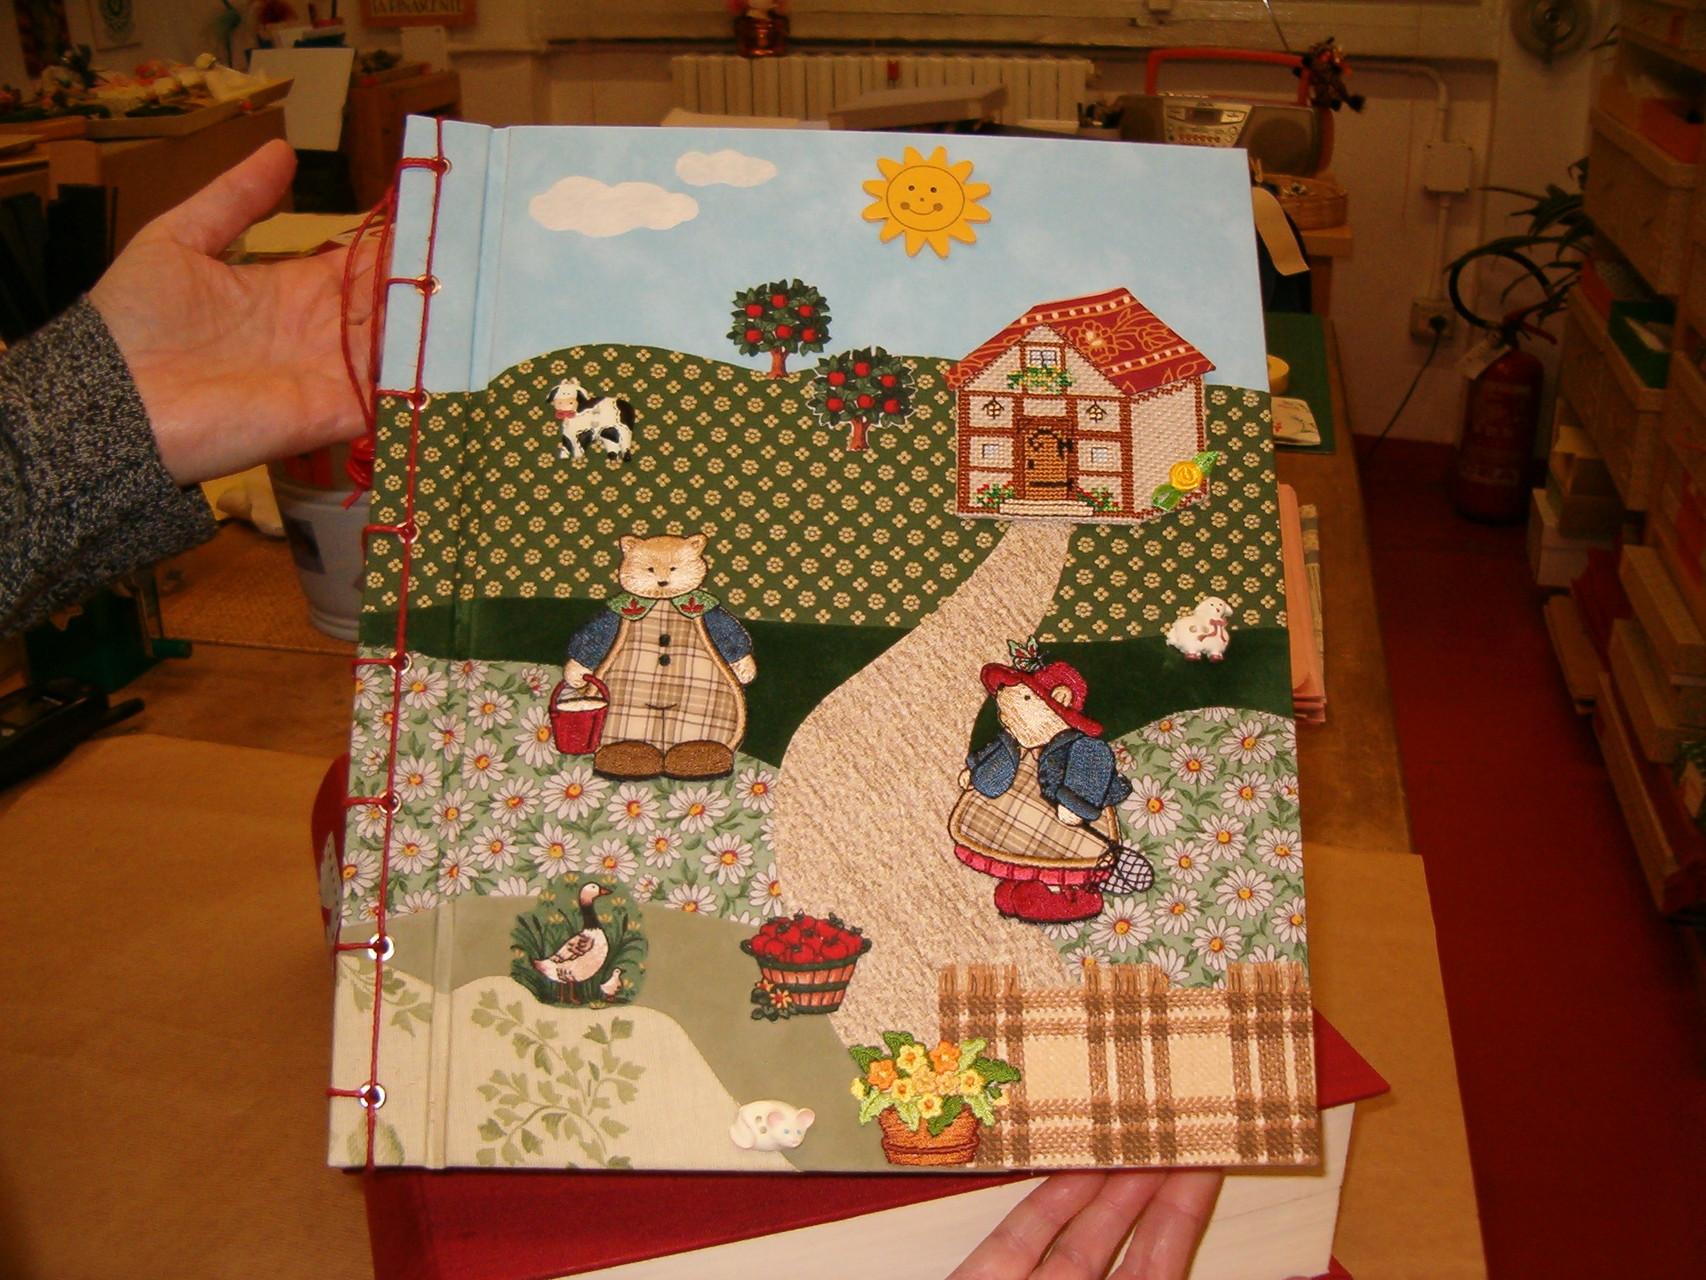 Copertina patchwork realizzata con tessuti fantasia